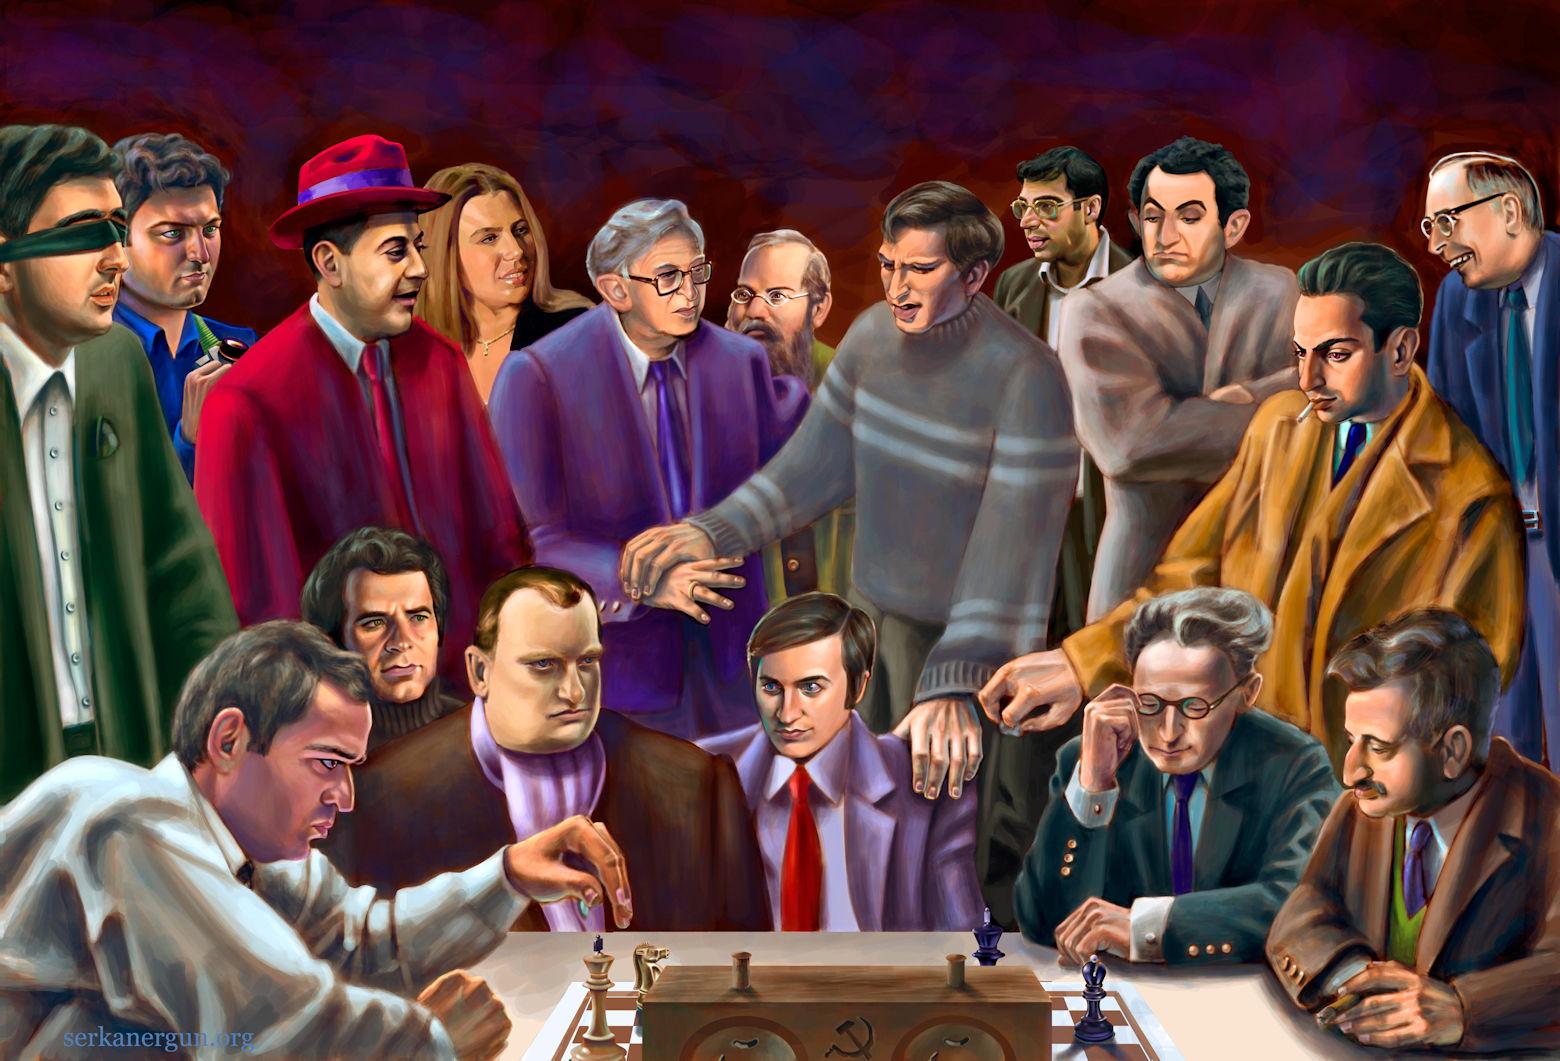 チェス・世界チャンピオンの肖像...